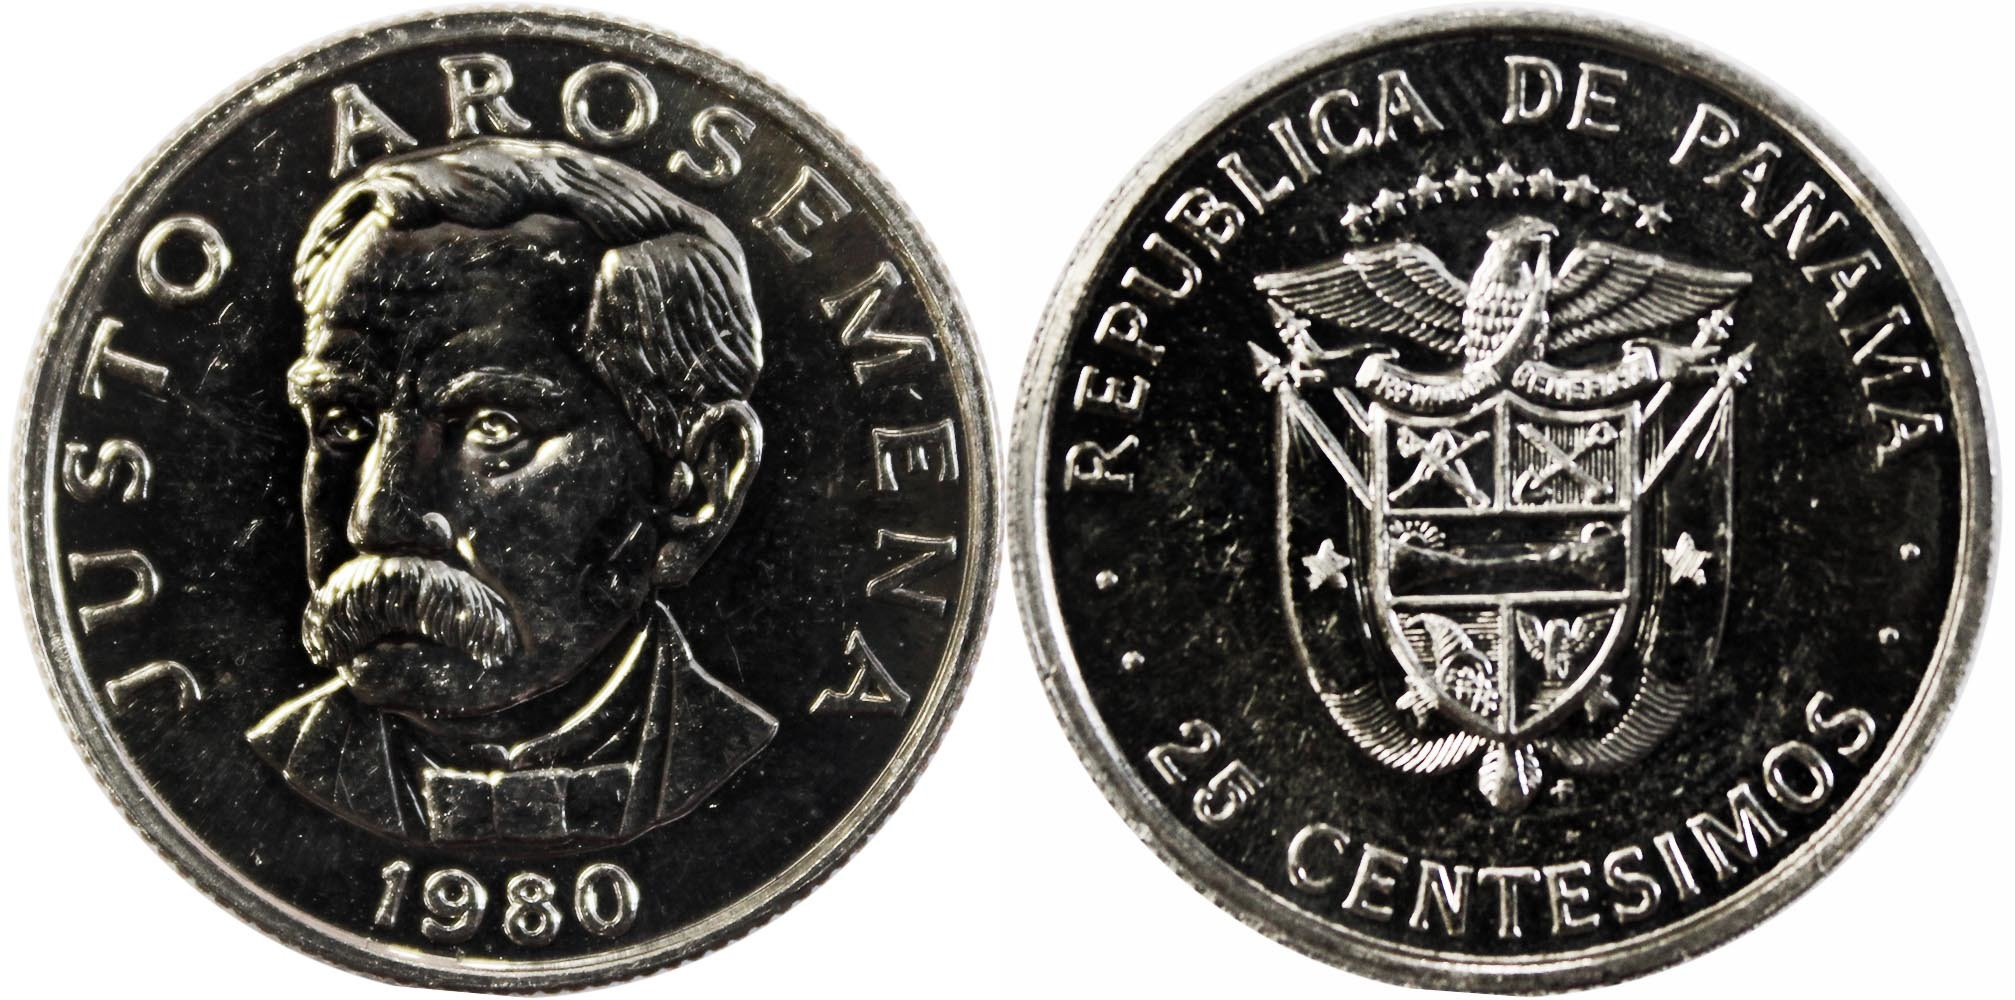 25 сентесимо. Панама. 1980 год. UNC